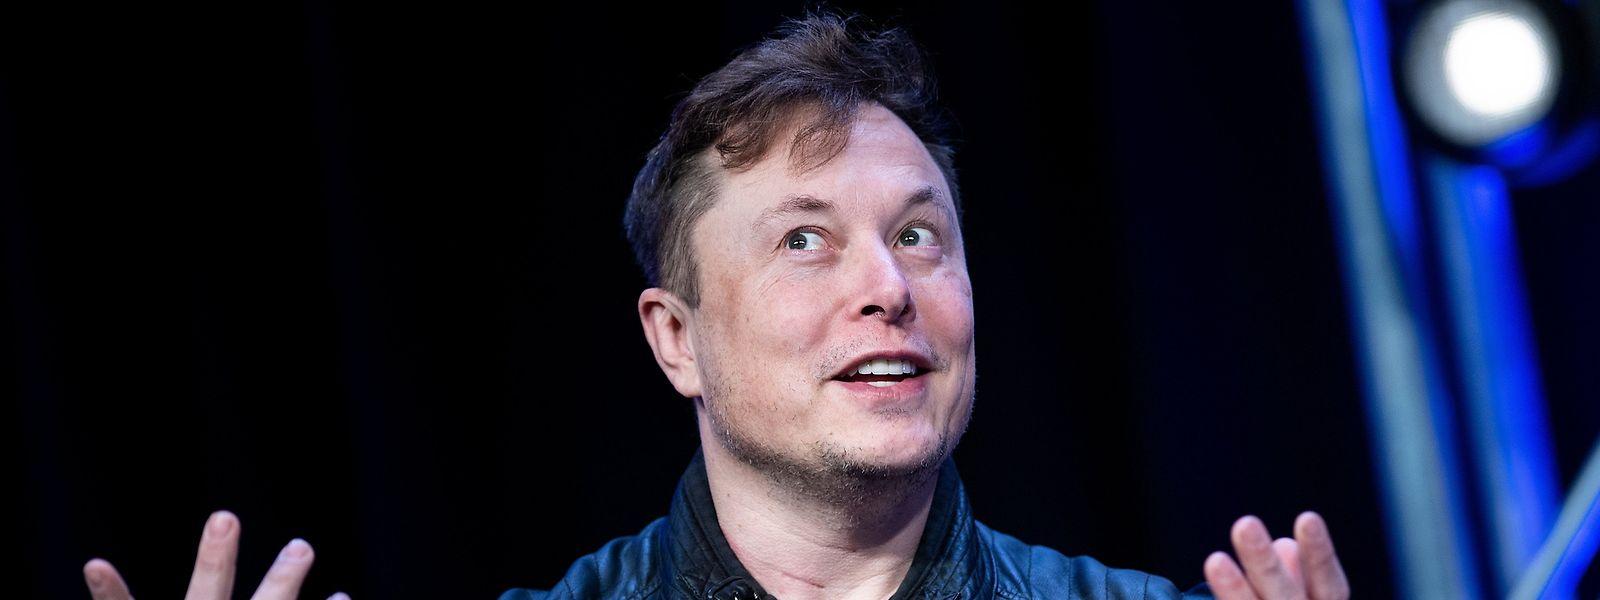 Der zweitreichste Mann der USA, Tesla-Gründer Elon Musk, zahlte im Jahr 2018 keine Einkommenssteuer.